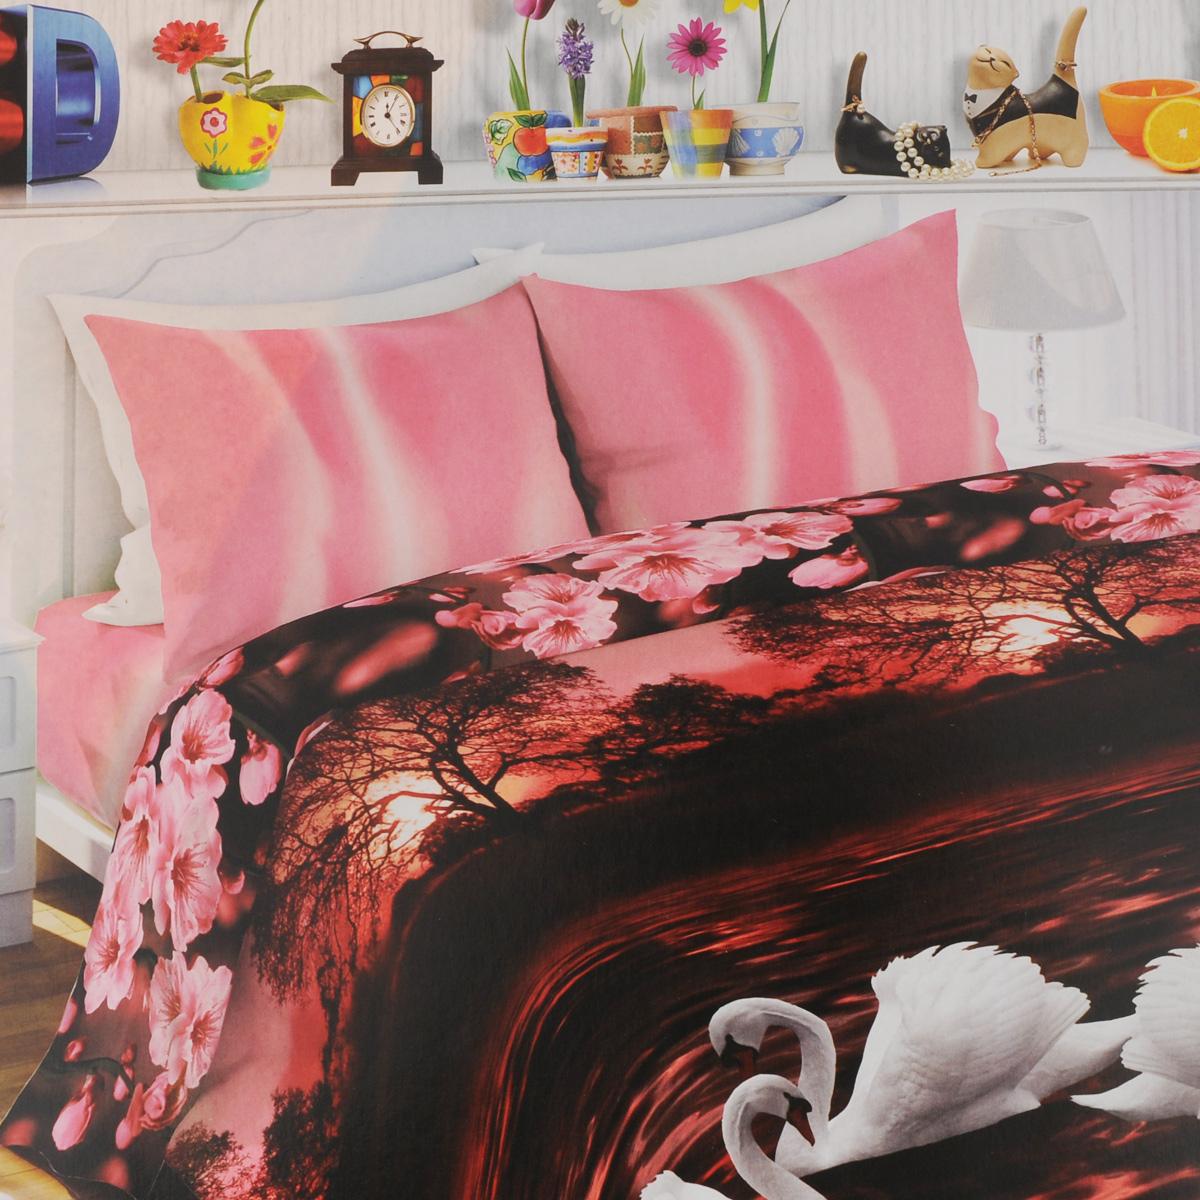 Комплект белья Любимый дом Лебединая верность, 2-спальный, наволочки 70х70, цвет: черно-розовый, белый326137Комплект постельного белья Любимый дом Лебединая верность состоит из пододеяльника, простыни и двух наволочек. Постельное белье оформлено оригинальным рисунком и имеет изысканный внешний вид. Белье изготовлено из новой ткани Биокомфорт, отвечающей всем необходимым нормативным стандартам. Биокомфорт - это тканьполотняного переплетения, из экологически чистого и натурального 100% хлопка. Неоспоримым плюсом белья из такой ткани является мягкостьи легкость, она прекрасно пропускает воздух, приятна на ощупь, не образует катышков на поверхности и за ней легко ухаживать. При соблюдениирекомендаций по уходу, это белье выдерживает много стирок, не линяети не теряет свою первоначальную прочность. Уникальная ткань обеспечивает легкую глажку.Приобретая комплект постельного белья Любимый дом Лебединая верность, вы можете быть уверены в том, что покупка доставит вам ивашим близким удовольствие и подарит максимальный комфорт.